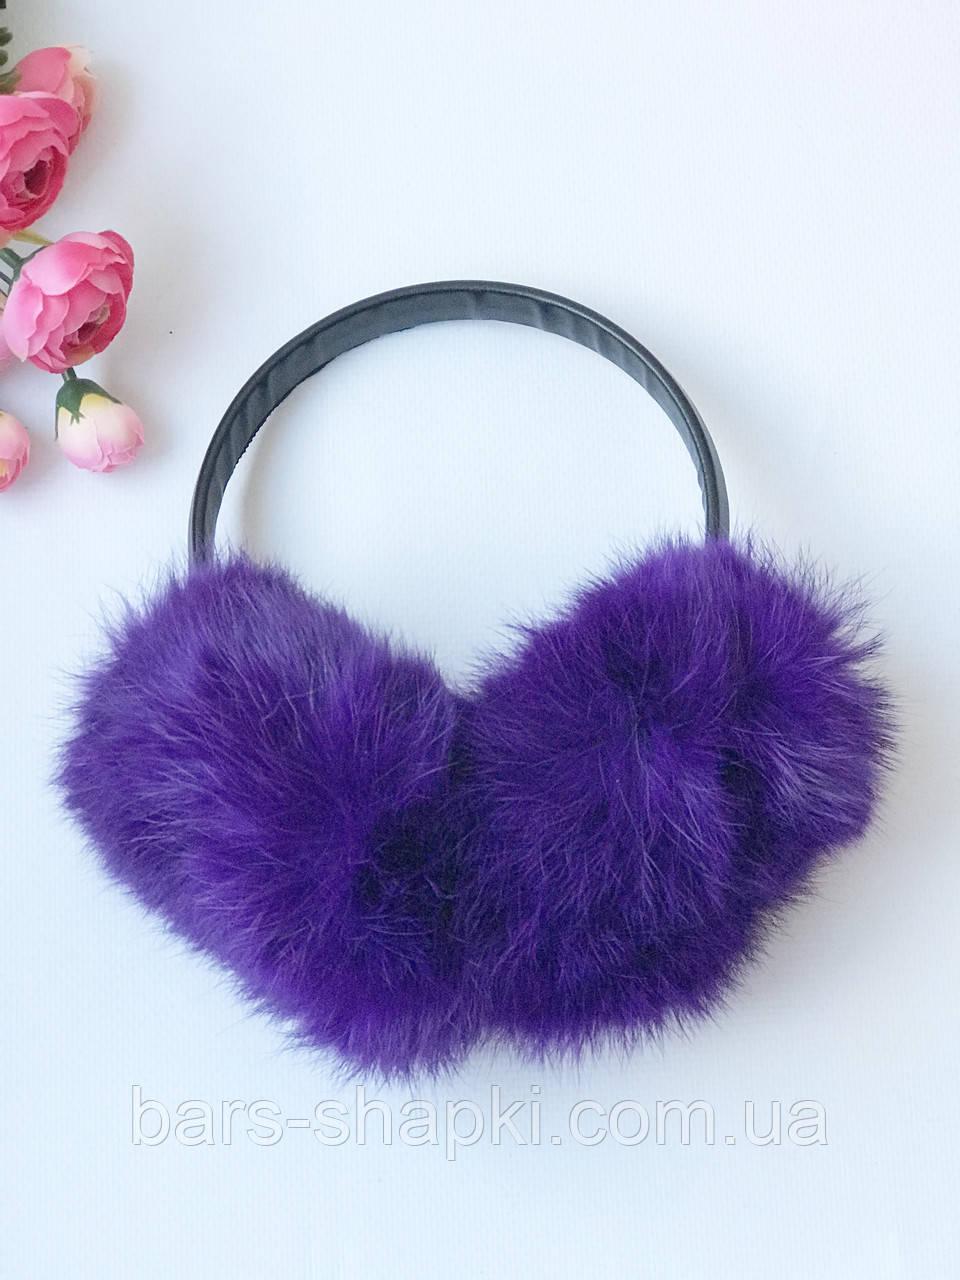 Меховые наушники. Цвет фиолетовый.